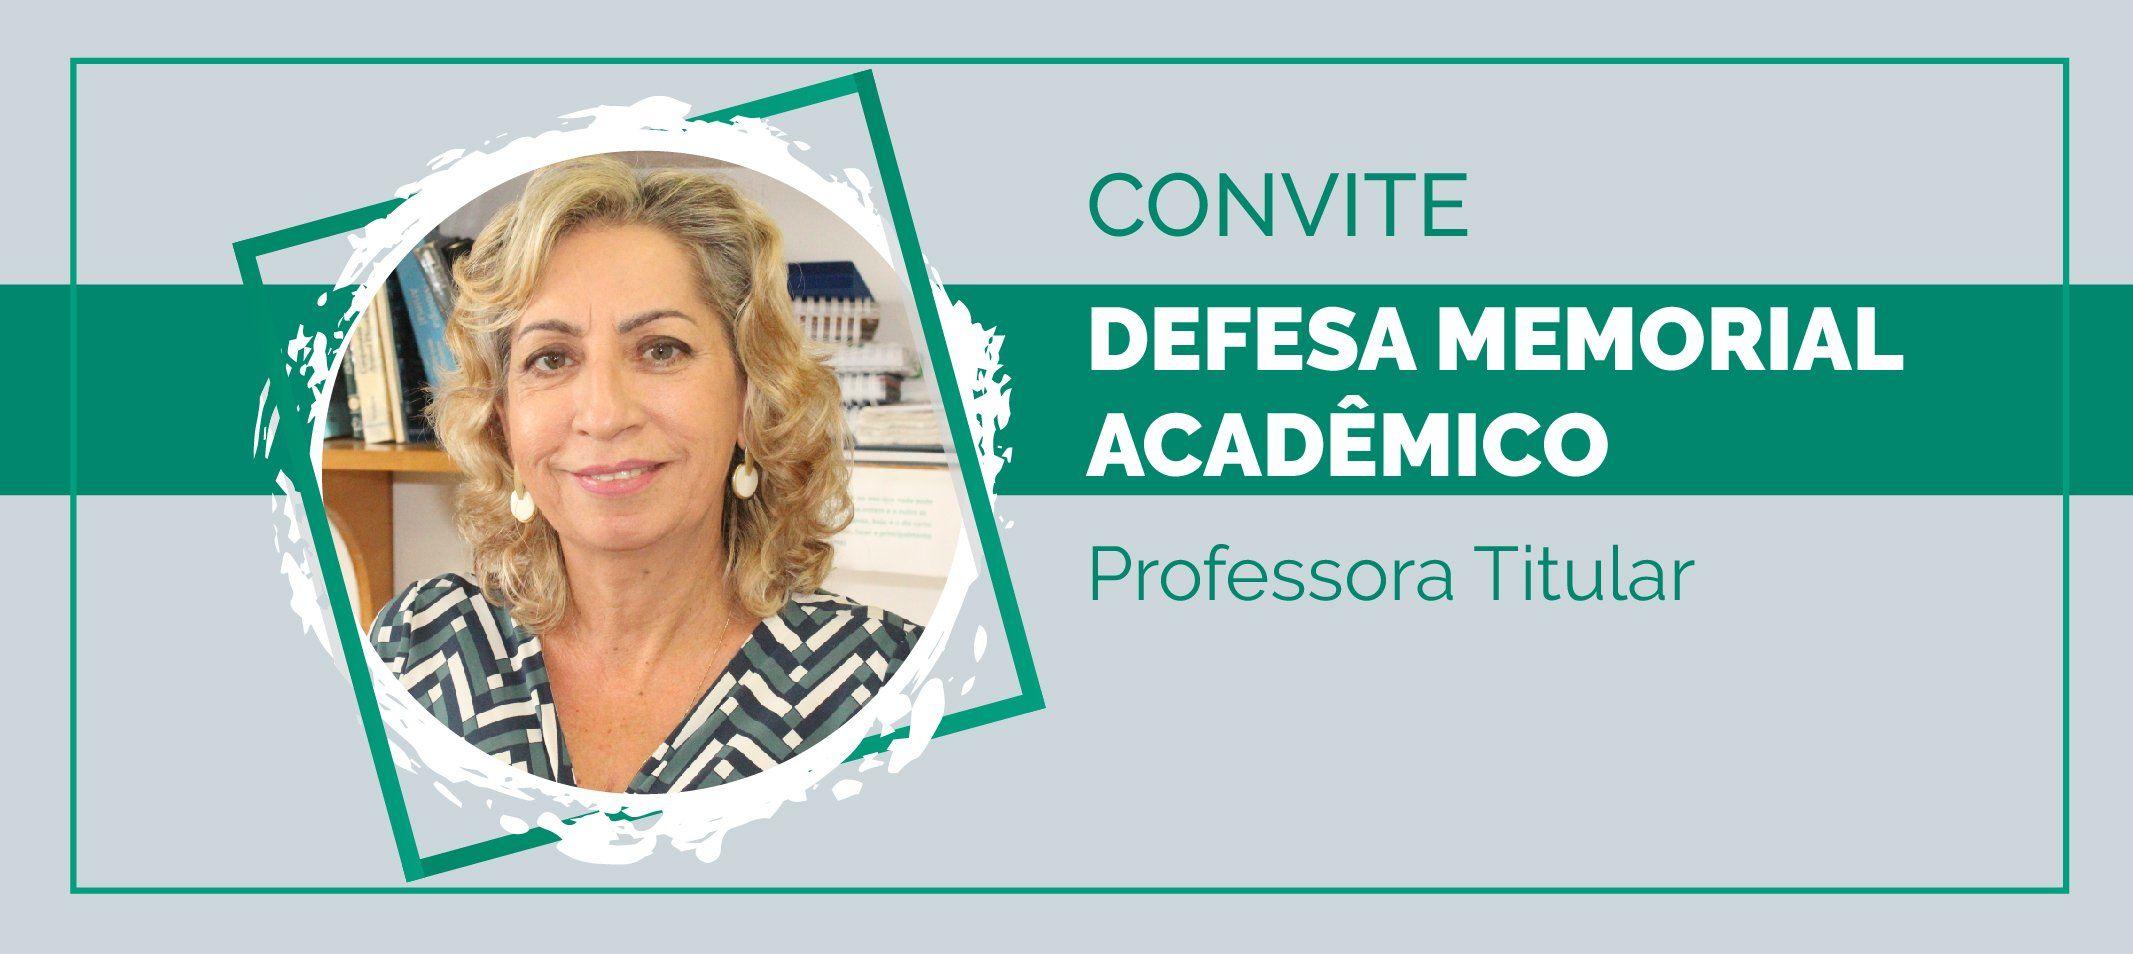 Professora Ana Cristina Belarmino defende memorial nesta terça-feira, 17